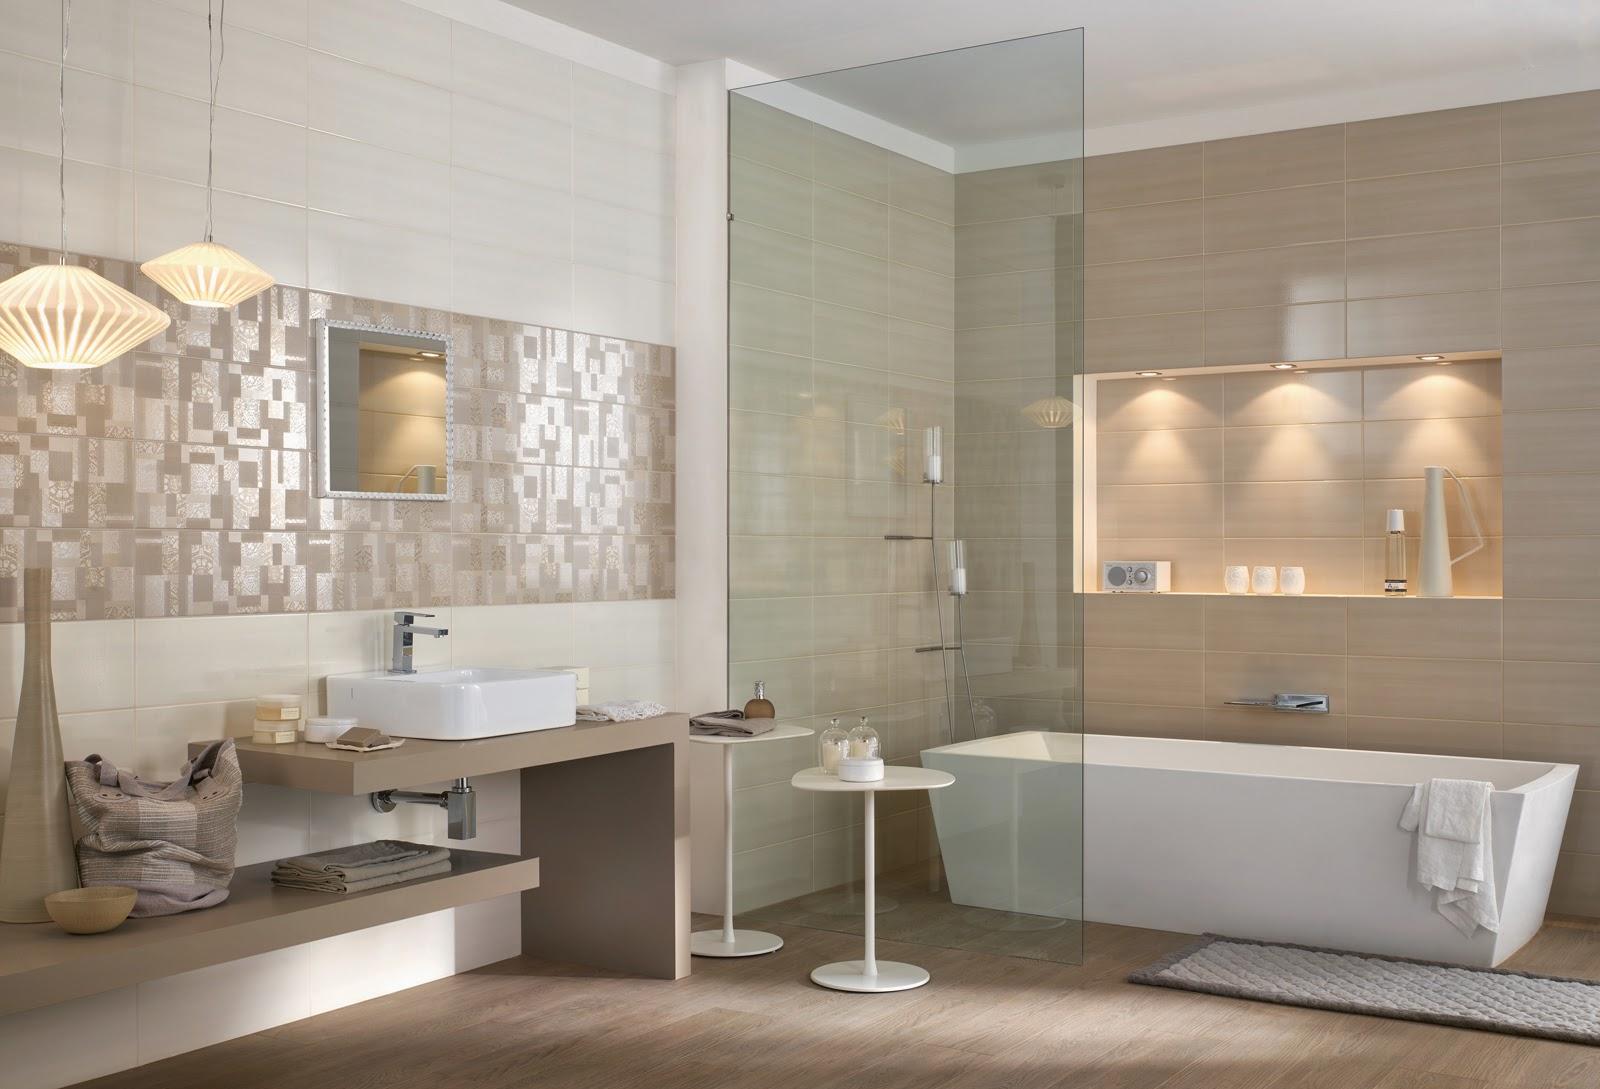 4bildcasa scegliere le piastrelle del bagno il colore parte terza - Colore piastrelle bagno ...